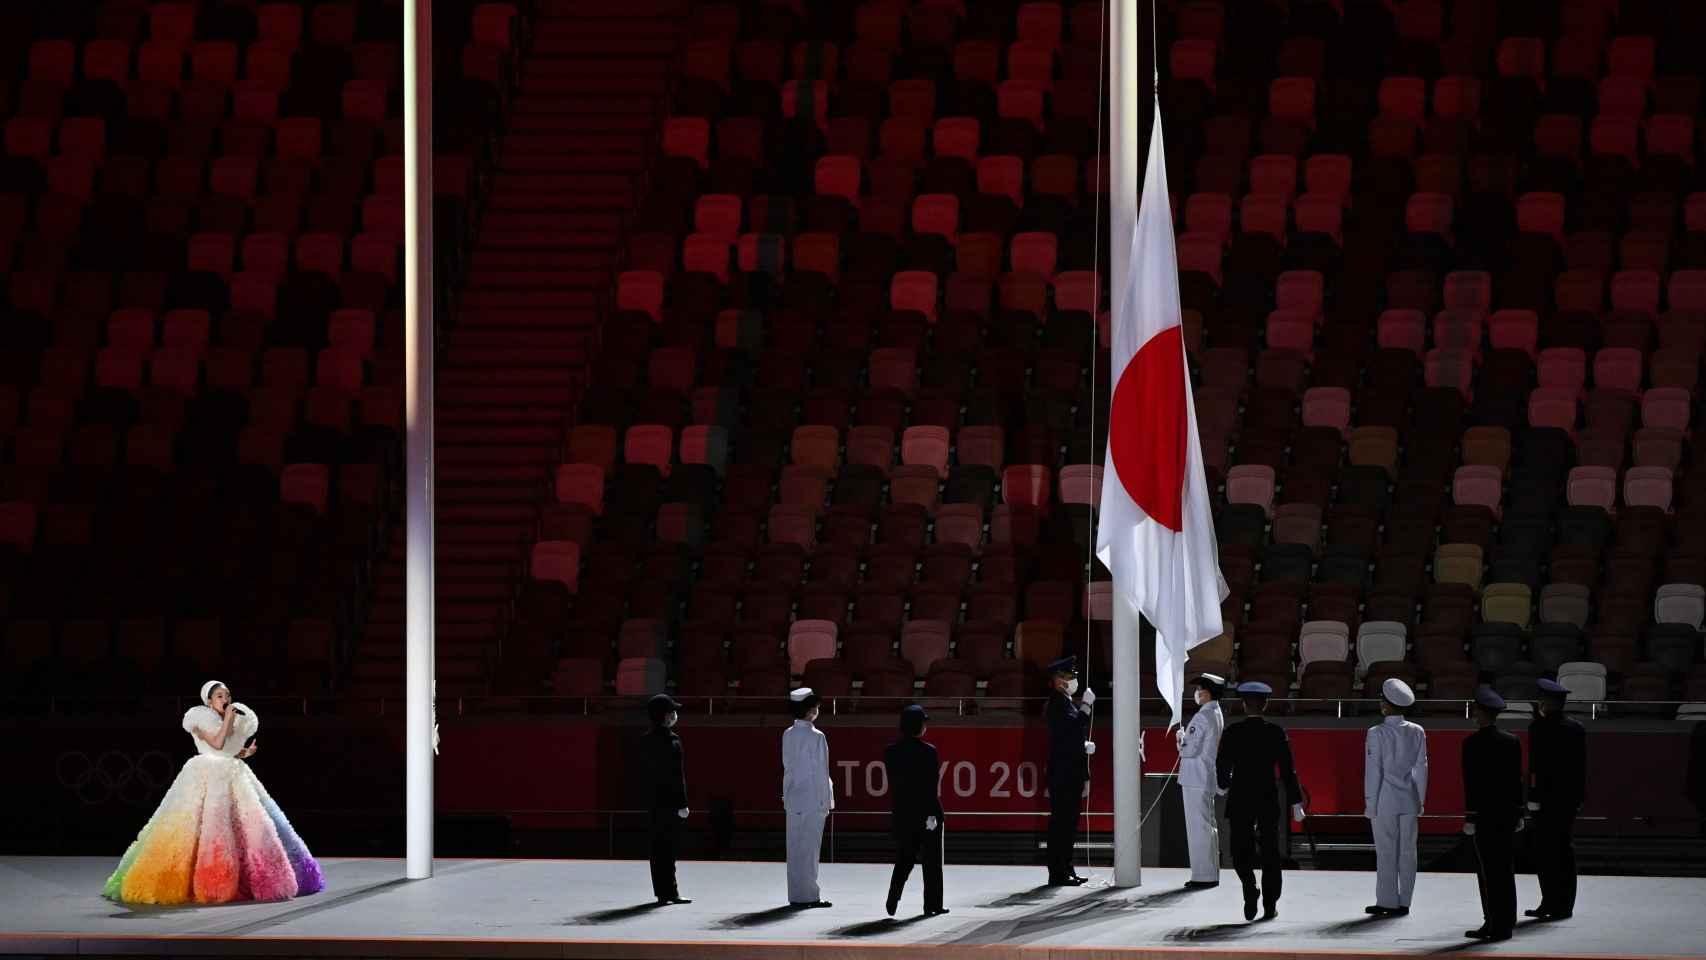 La bandera de Japón es izada en el Estadio Olímpico de Tokio mientras suena el himno del país